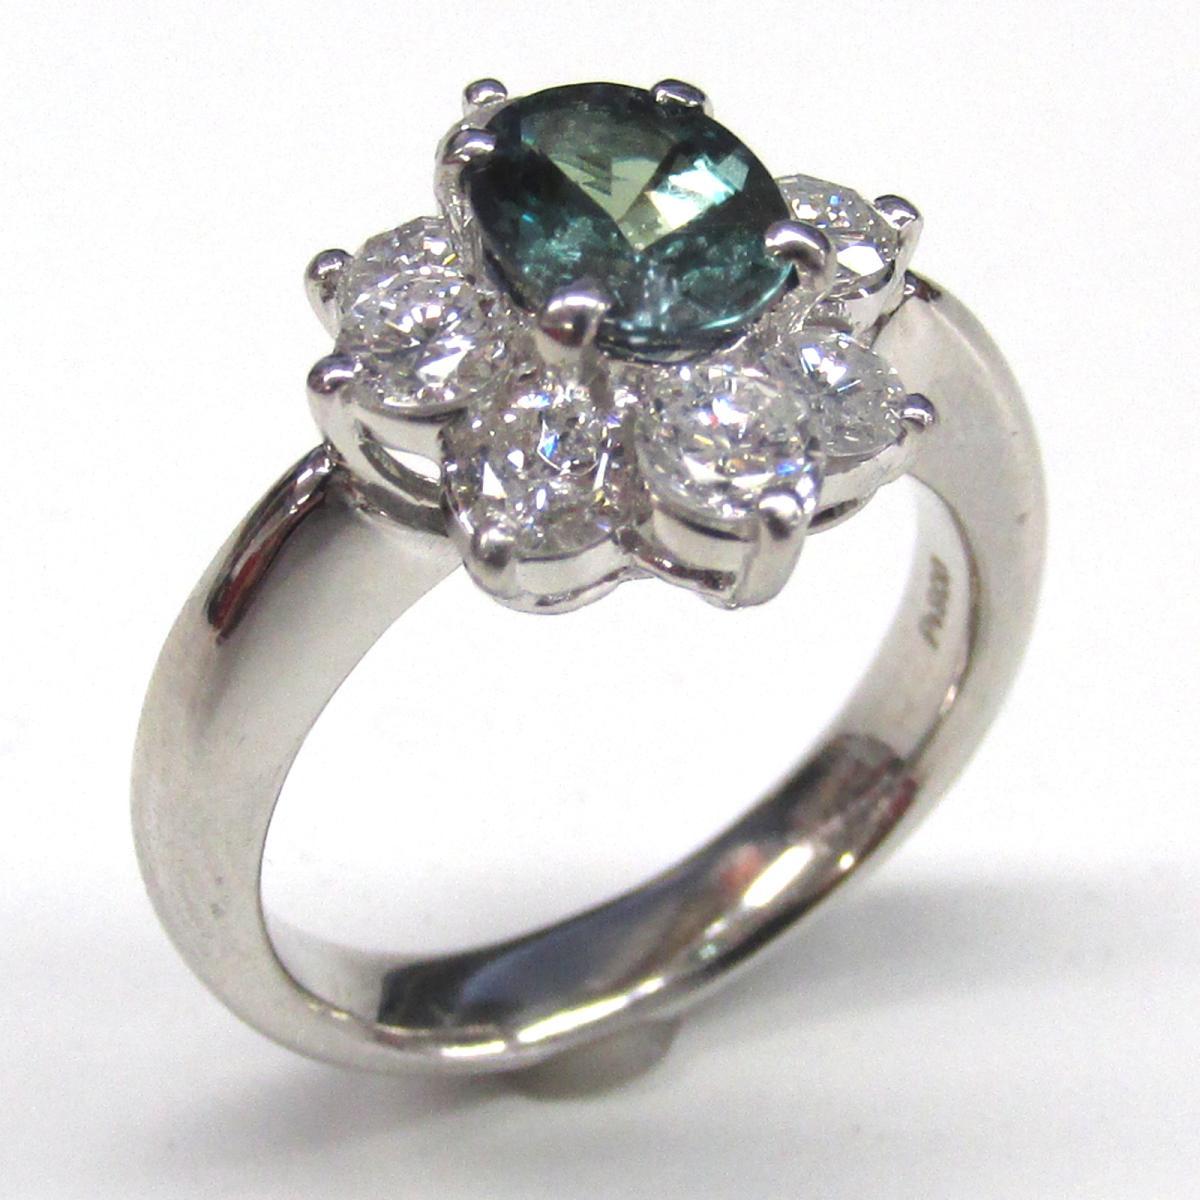 【中古】 ジュエリー アレキサンドライト ダイヤモンド リング 指輪 レディース PT900 プラチナ x (1.18ct) (1.24ct) | JEWELRY BRANDOFF ブランドオフ ブランド アクセサリー